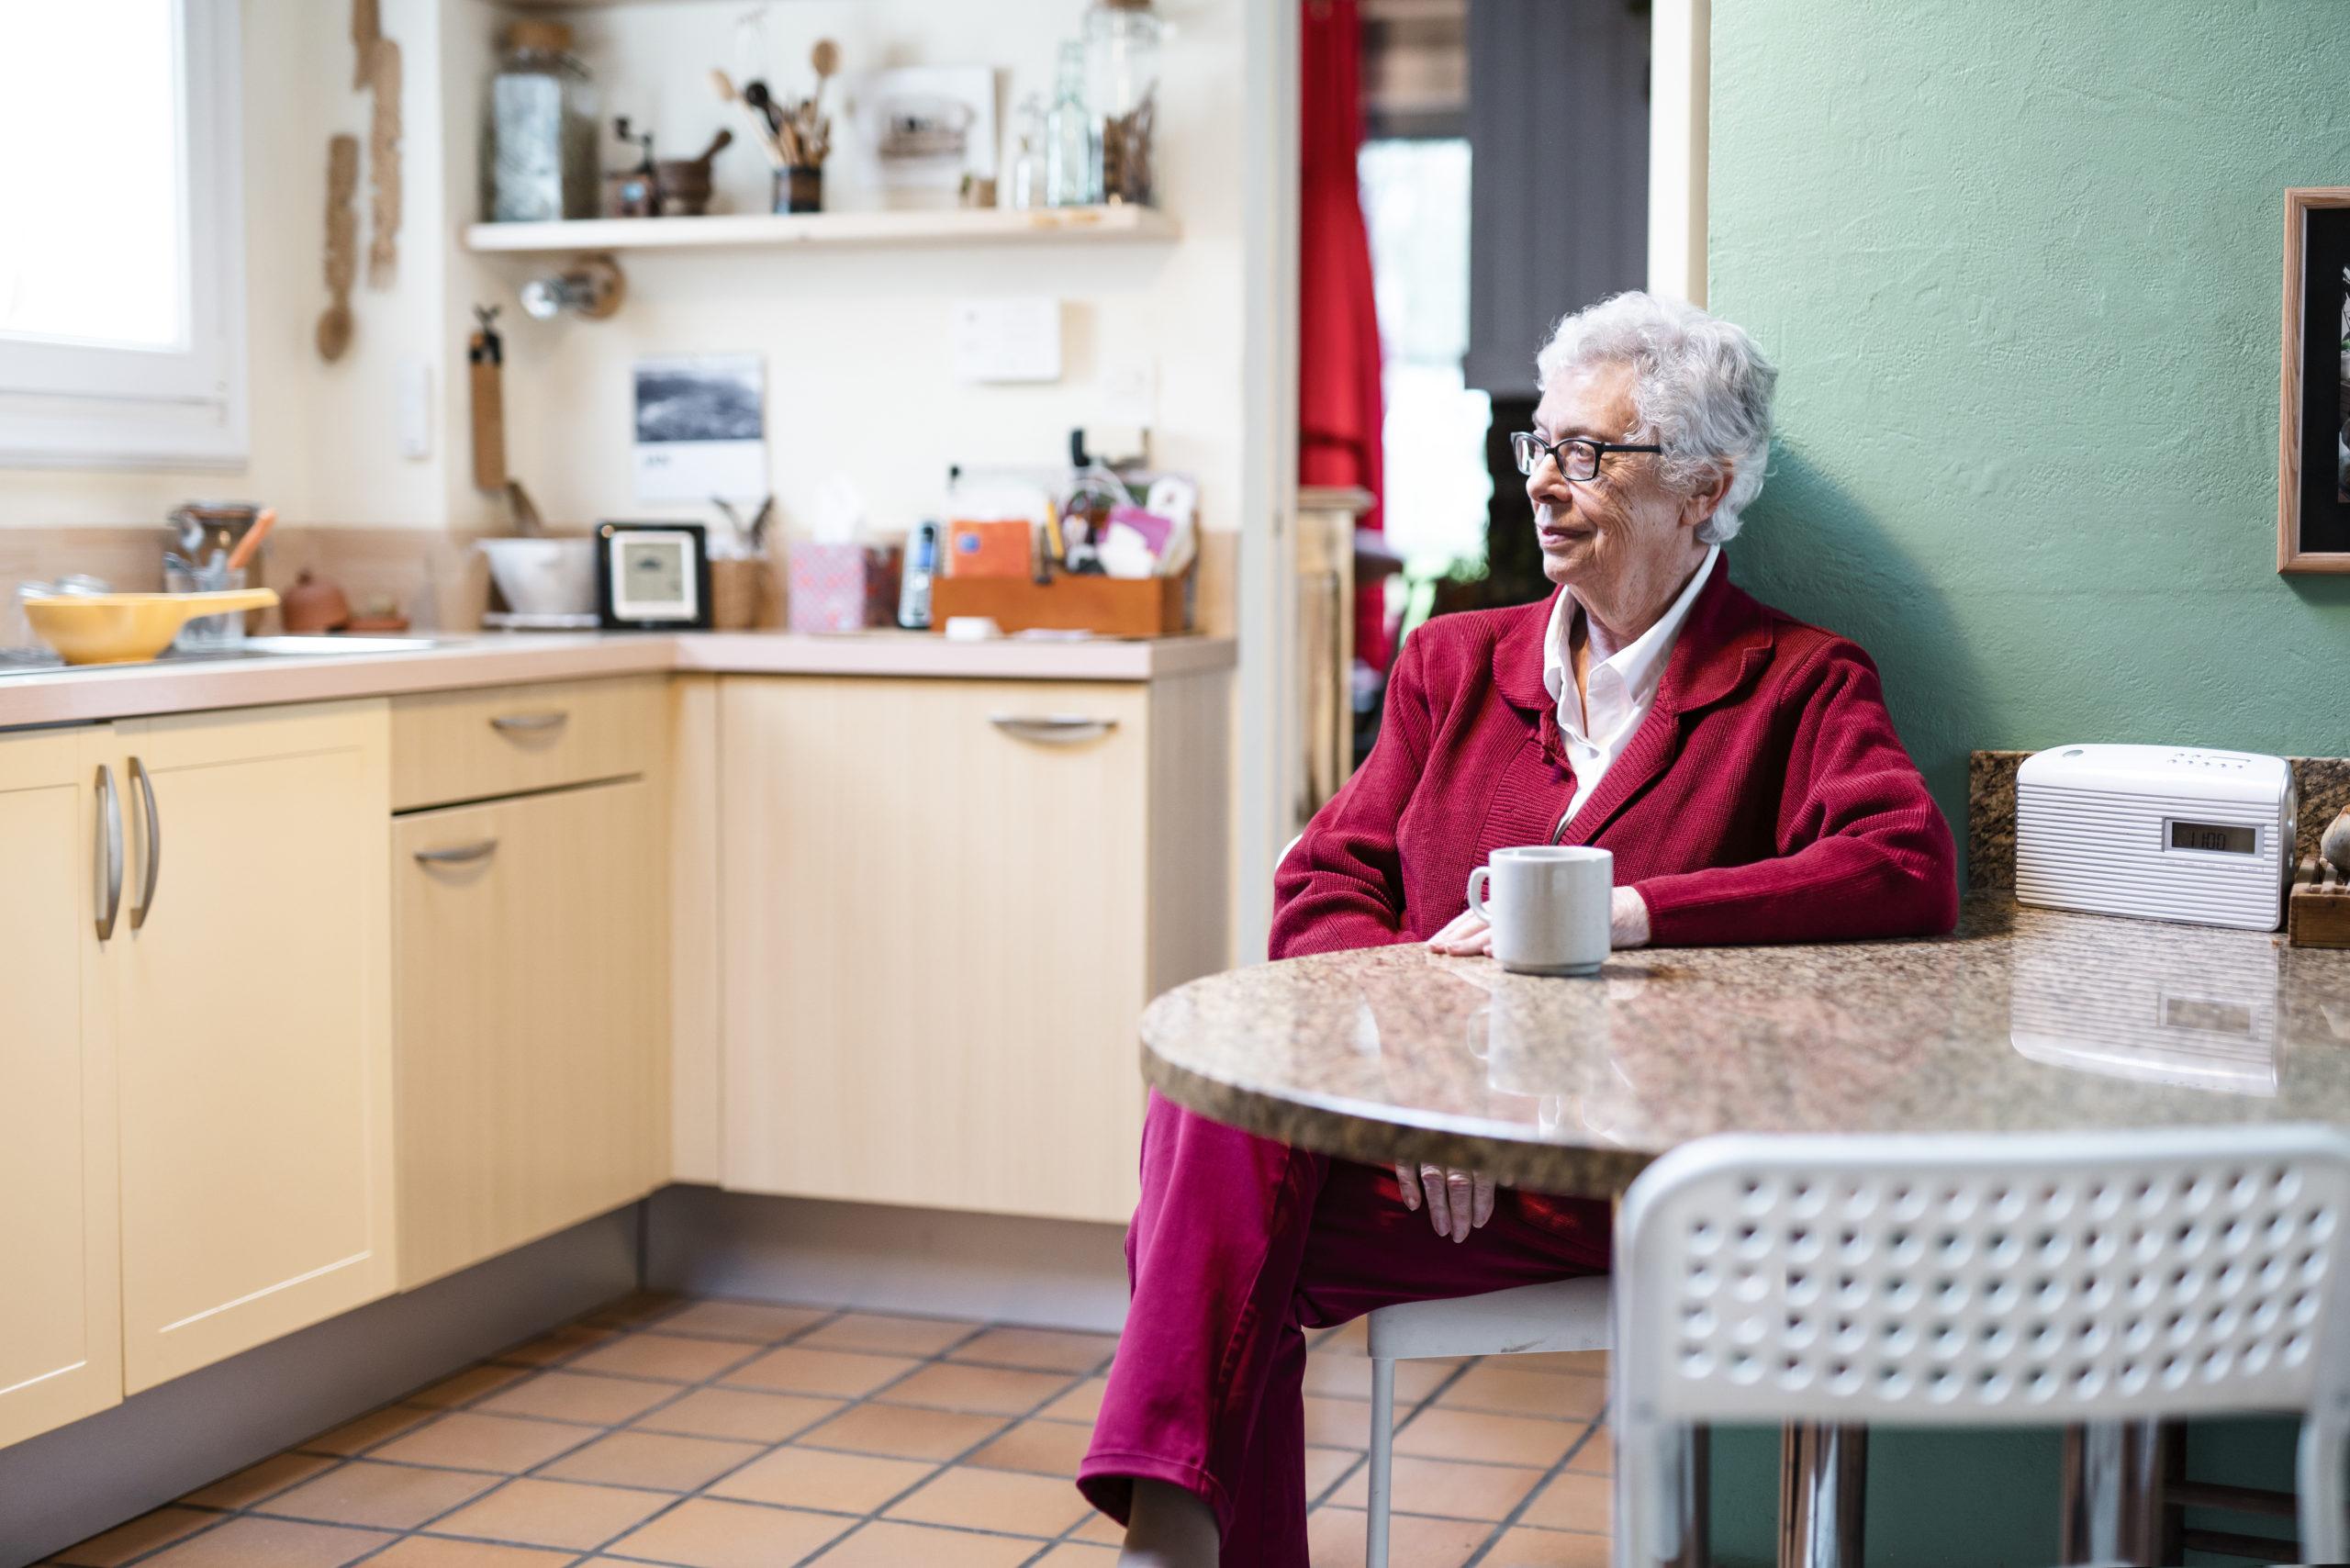 image lifestyle d'une femme agée dans sa cuisine